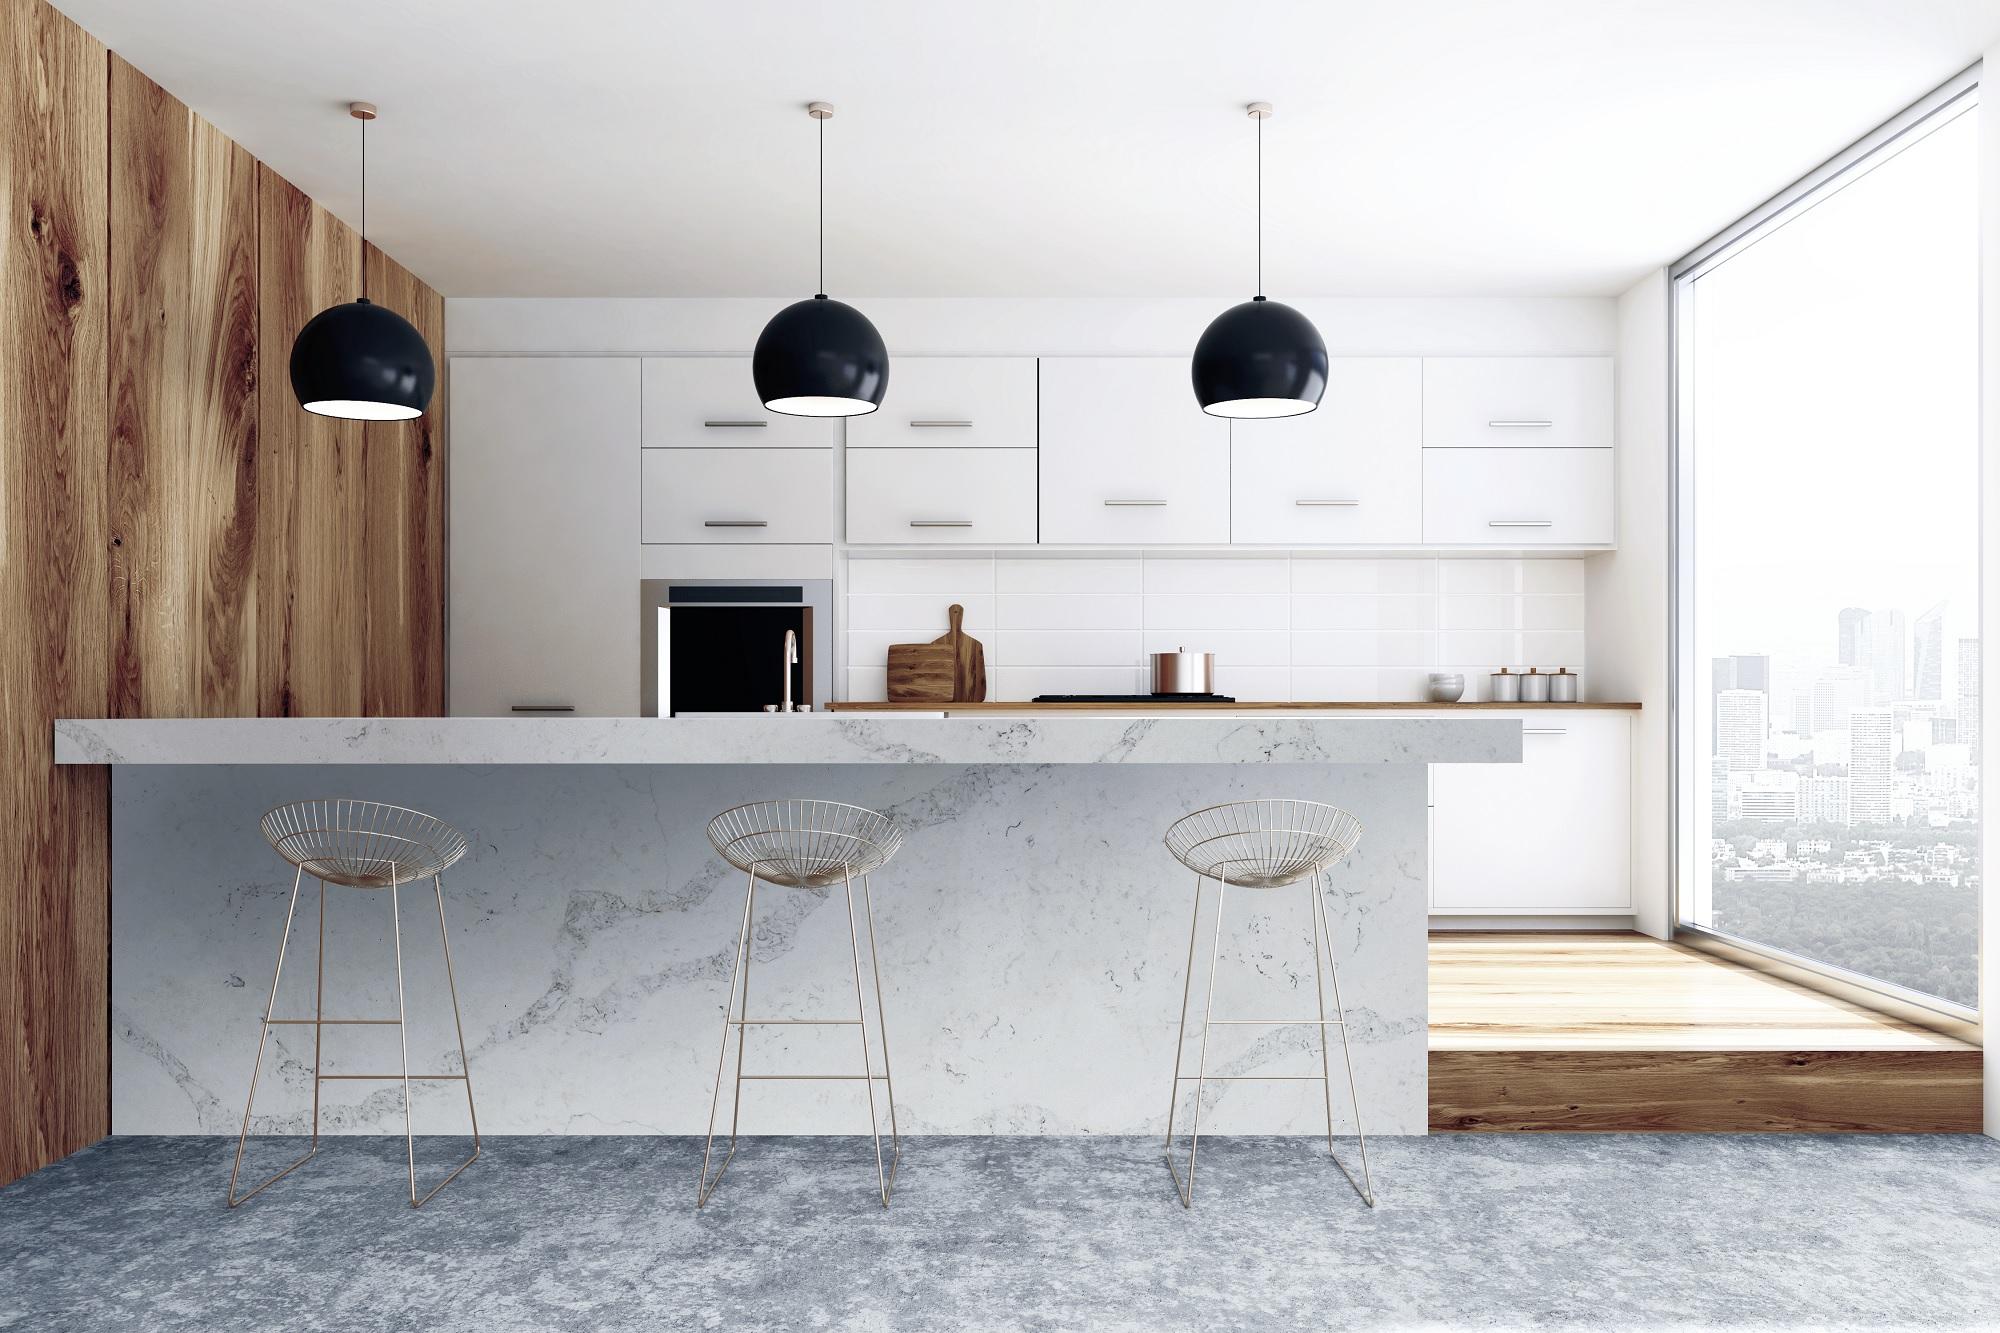 CQ931 New Contempo Kitchen Countertop